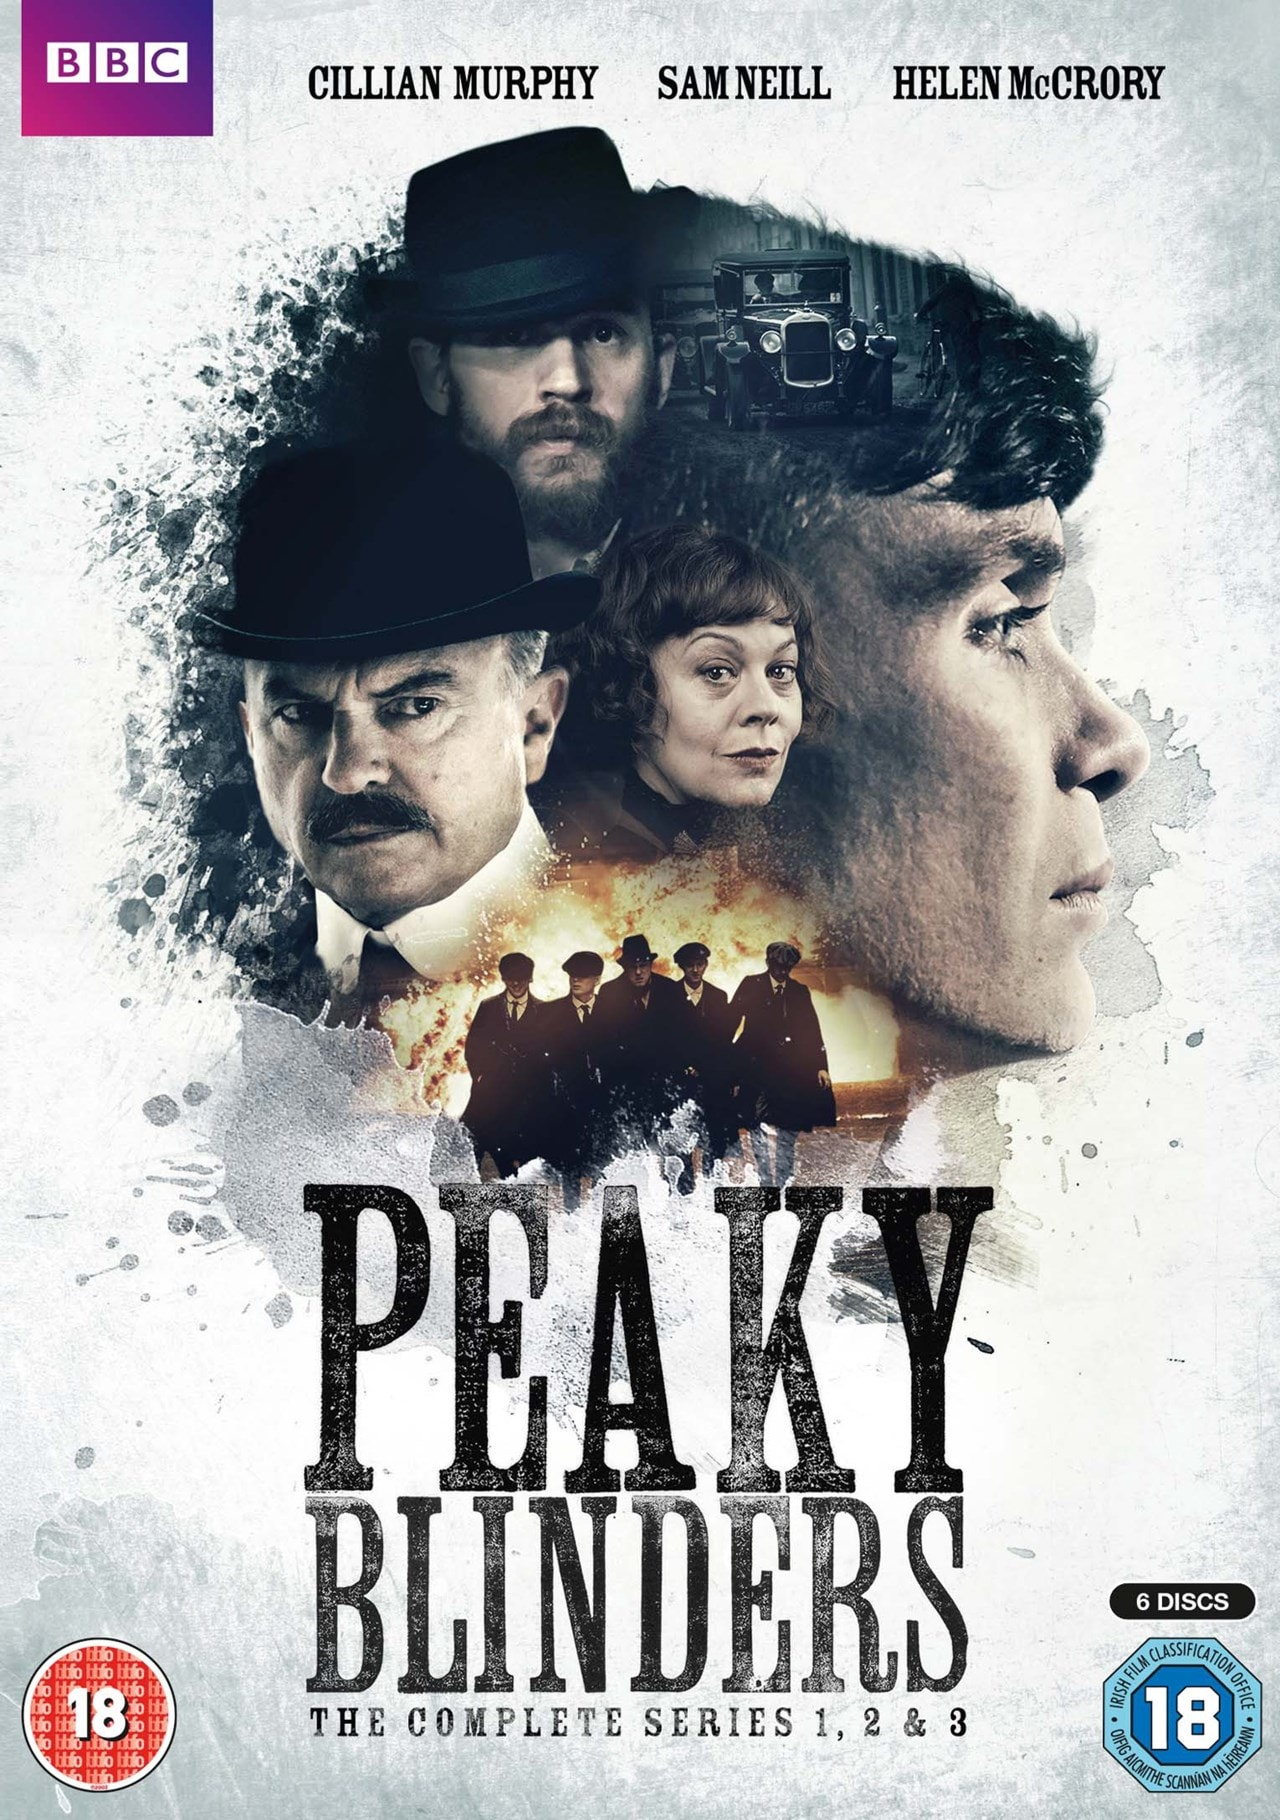 Peaky Blinders: The Complete Series 1-3 - 1